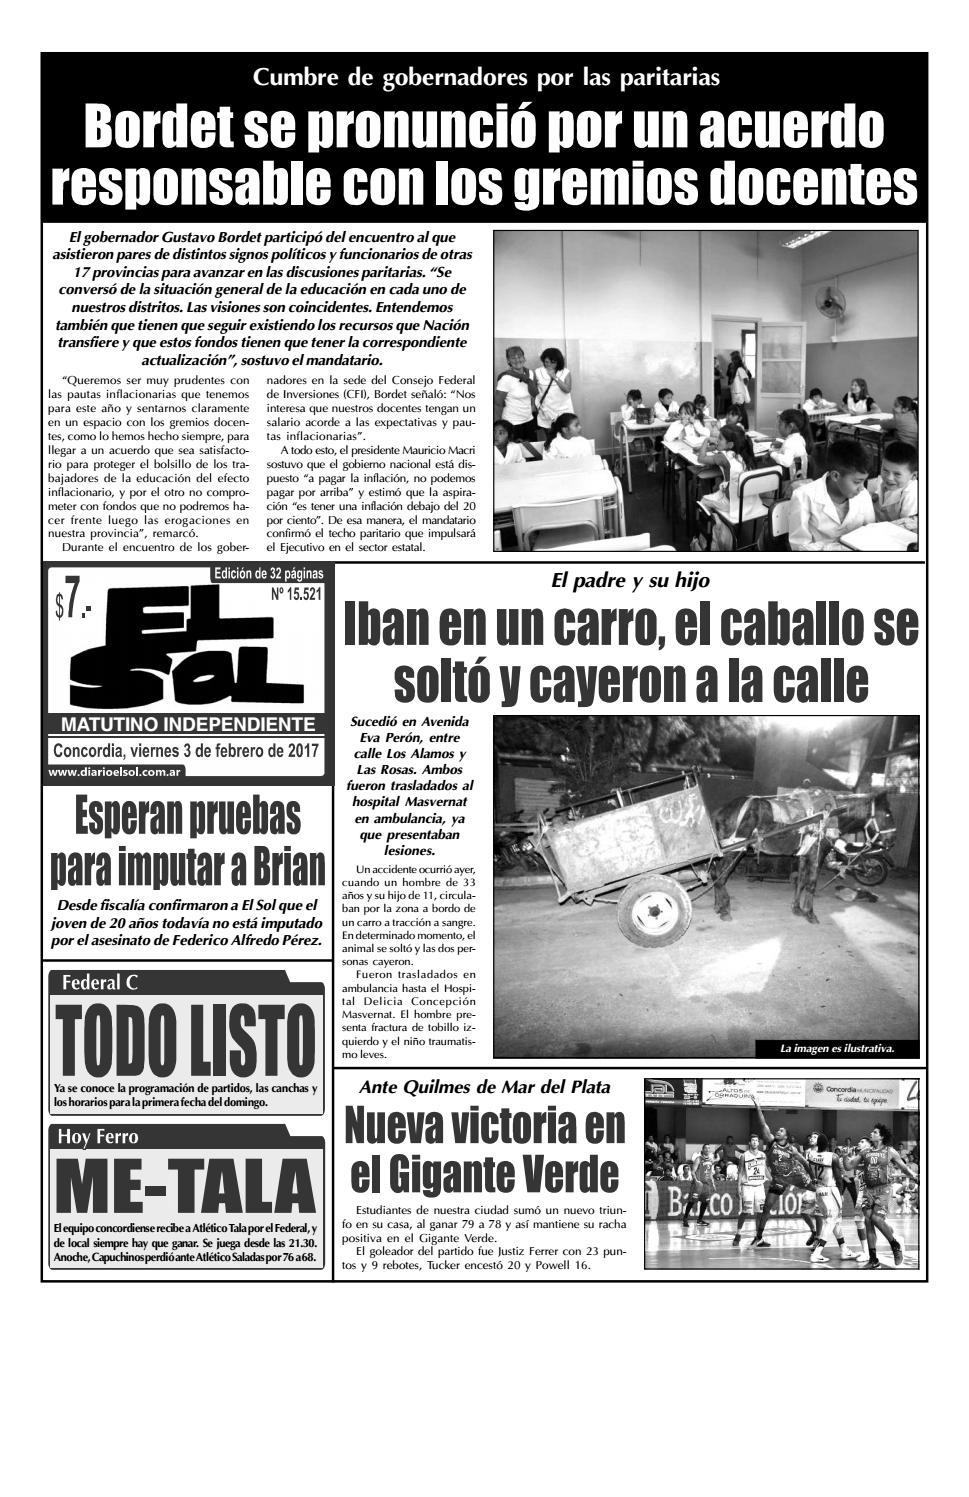 Diario El Sol (Viernes 03 febrero 2017) by Diario El Sol - issuu e9557c370293b